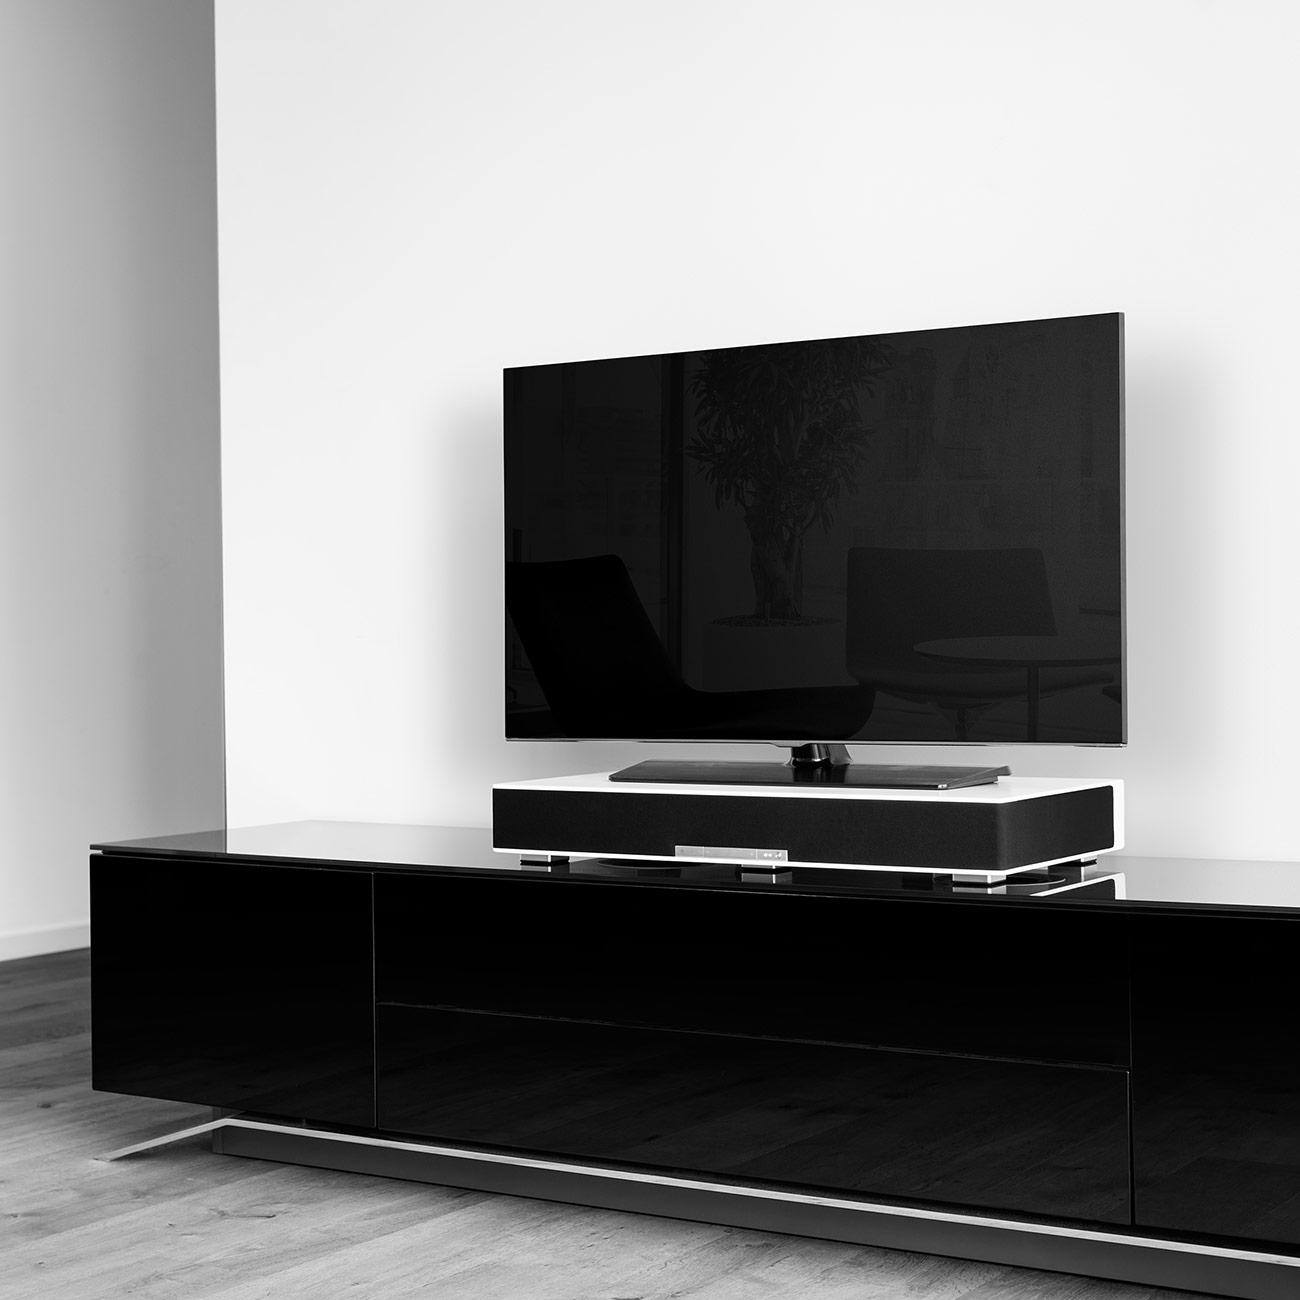 werbung sale bei teufel und null prozent finanzierung. Black Bedroom Furniture Sets. Home Design Ideas